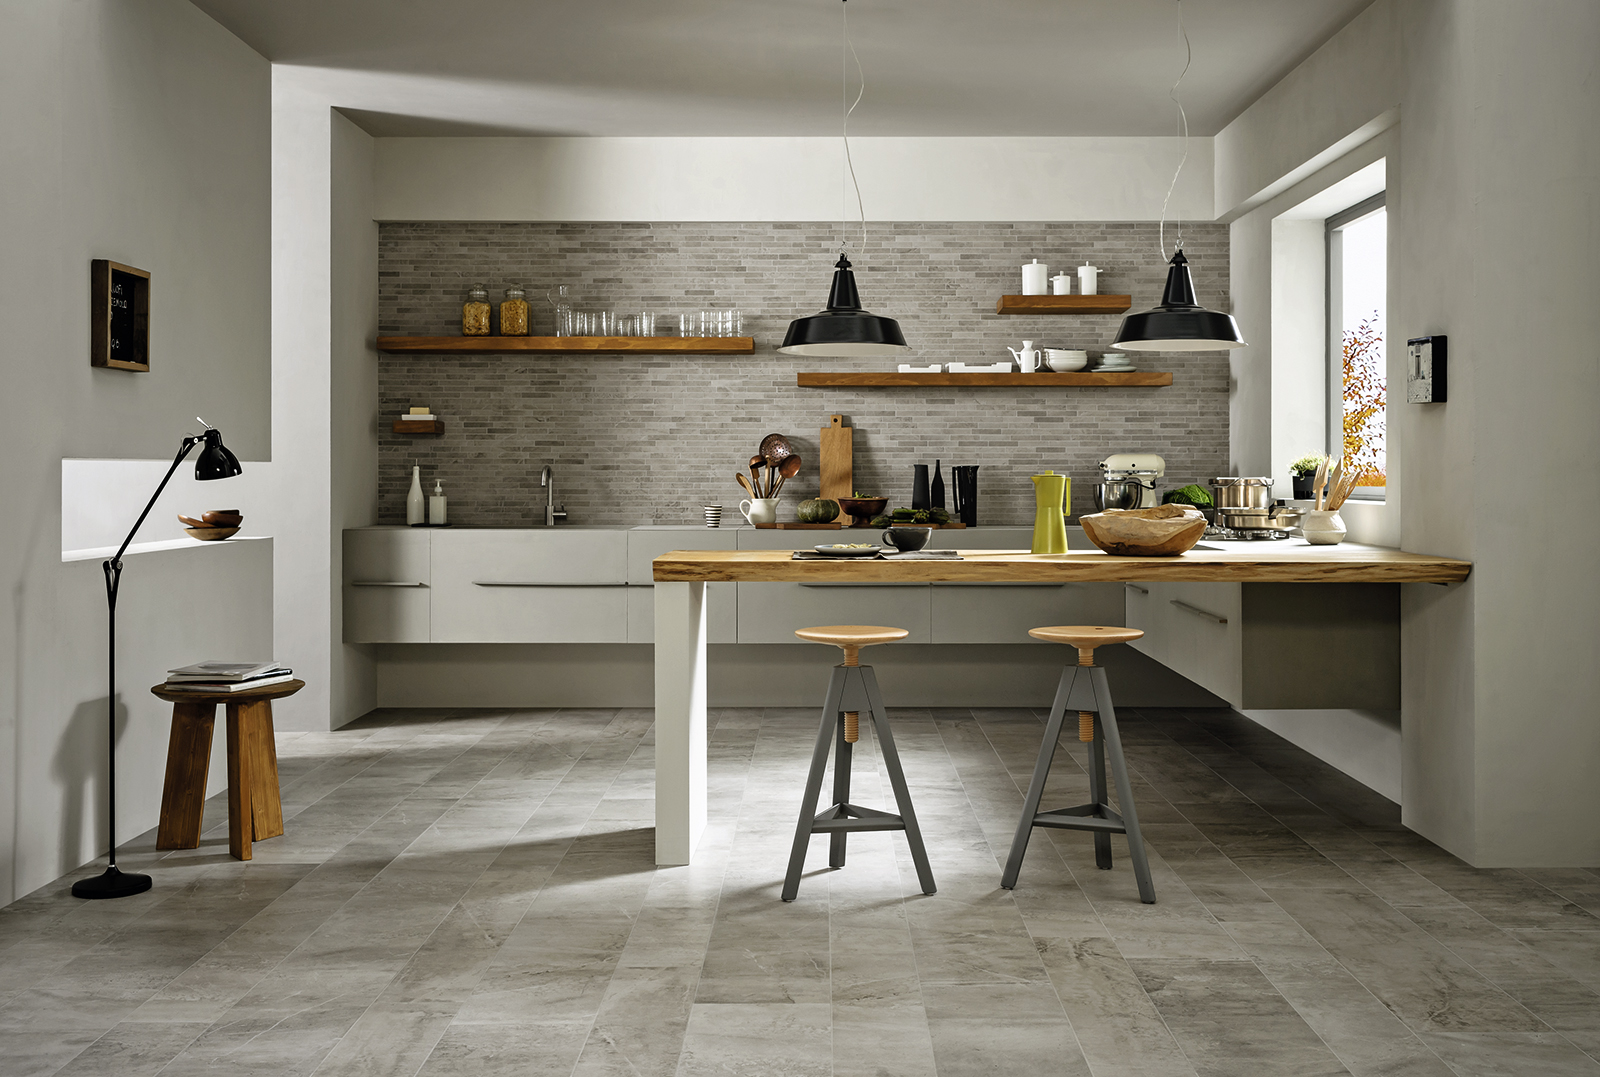 Gres Porcellanato Piastrelle Cucina colorup piastrelle in ceramica marazzi_3049. piastrelle